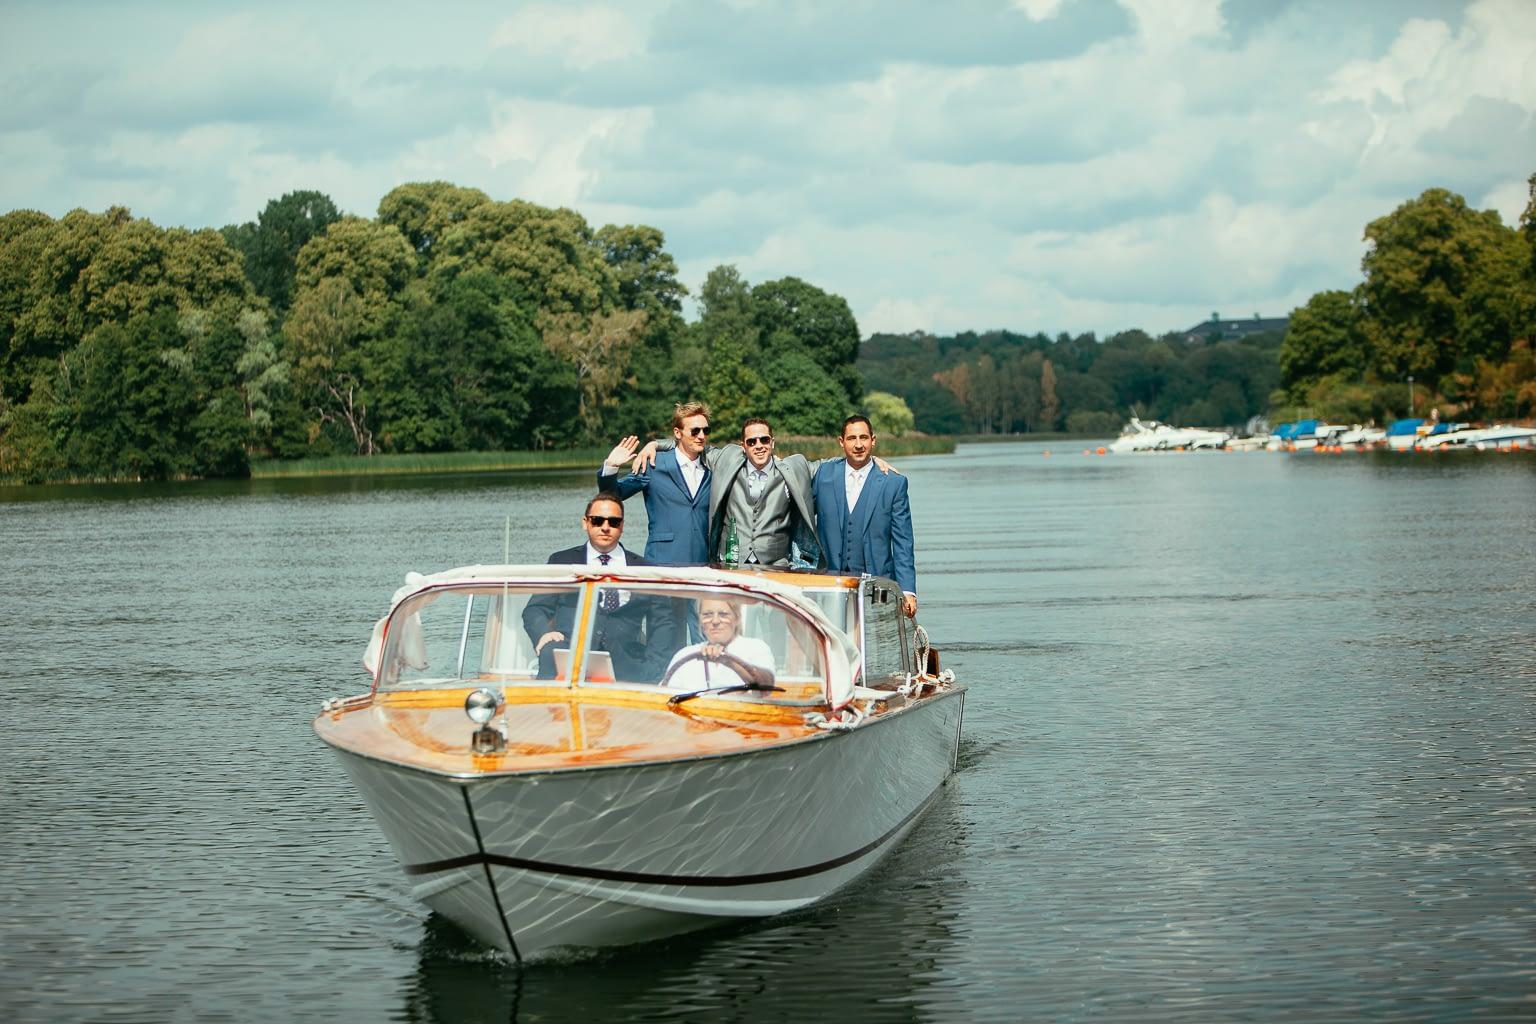 voyage en bateau couple marié